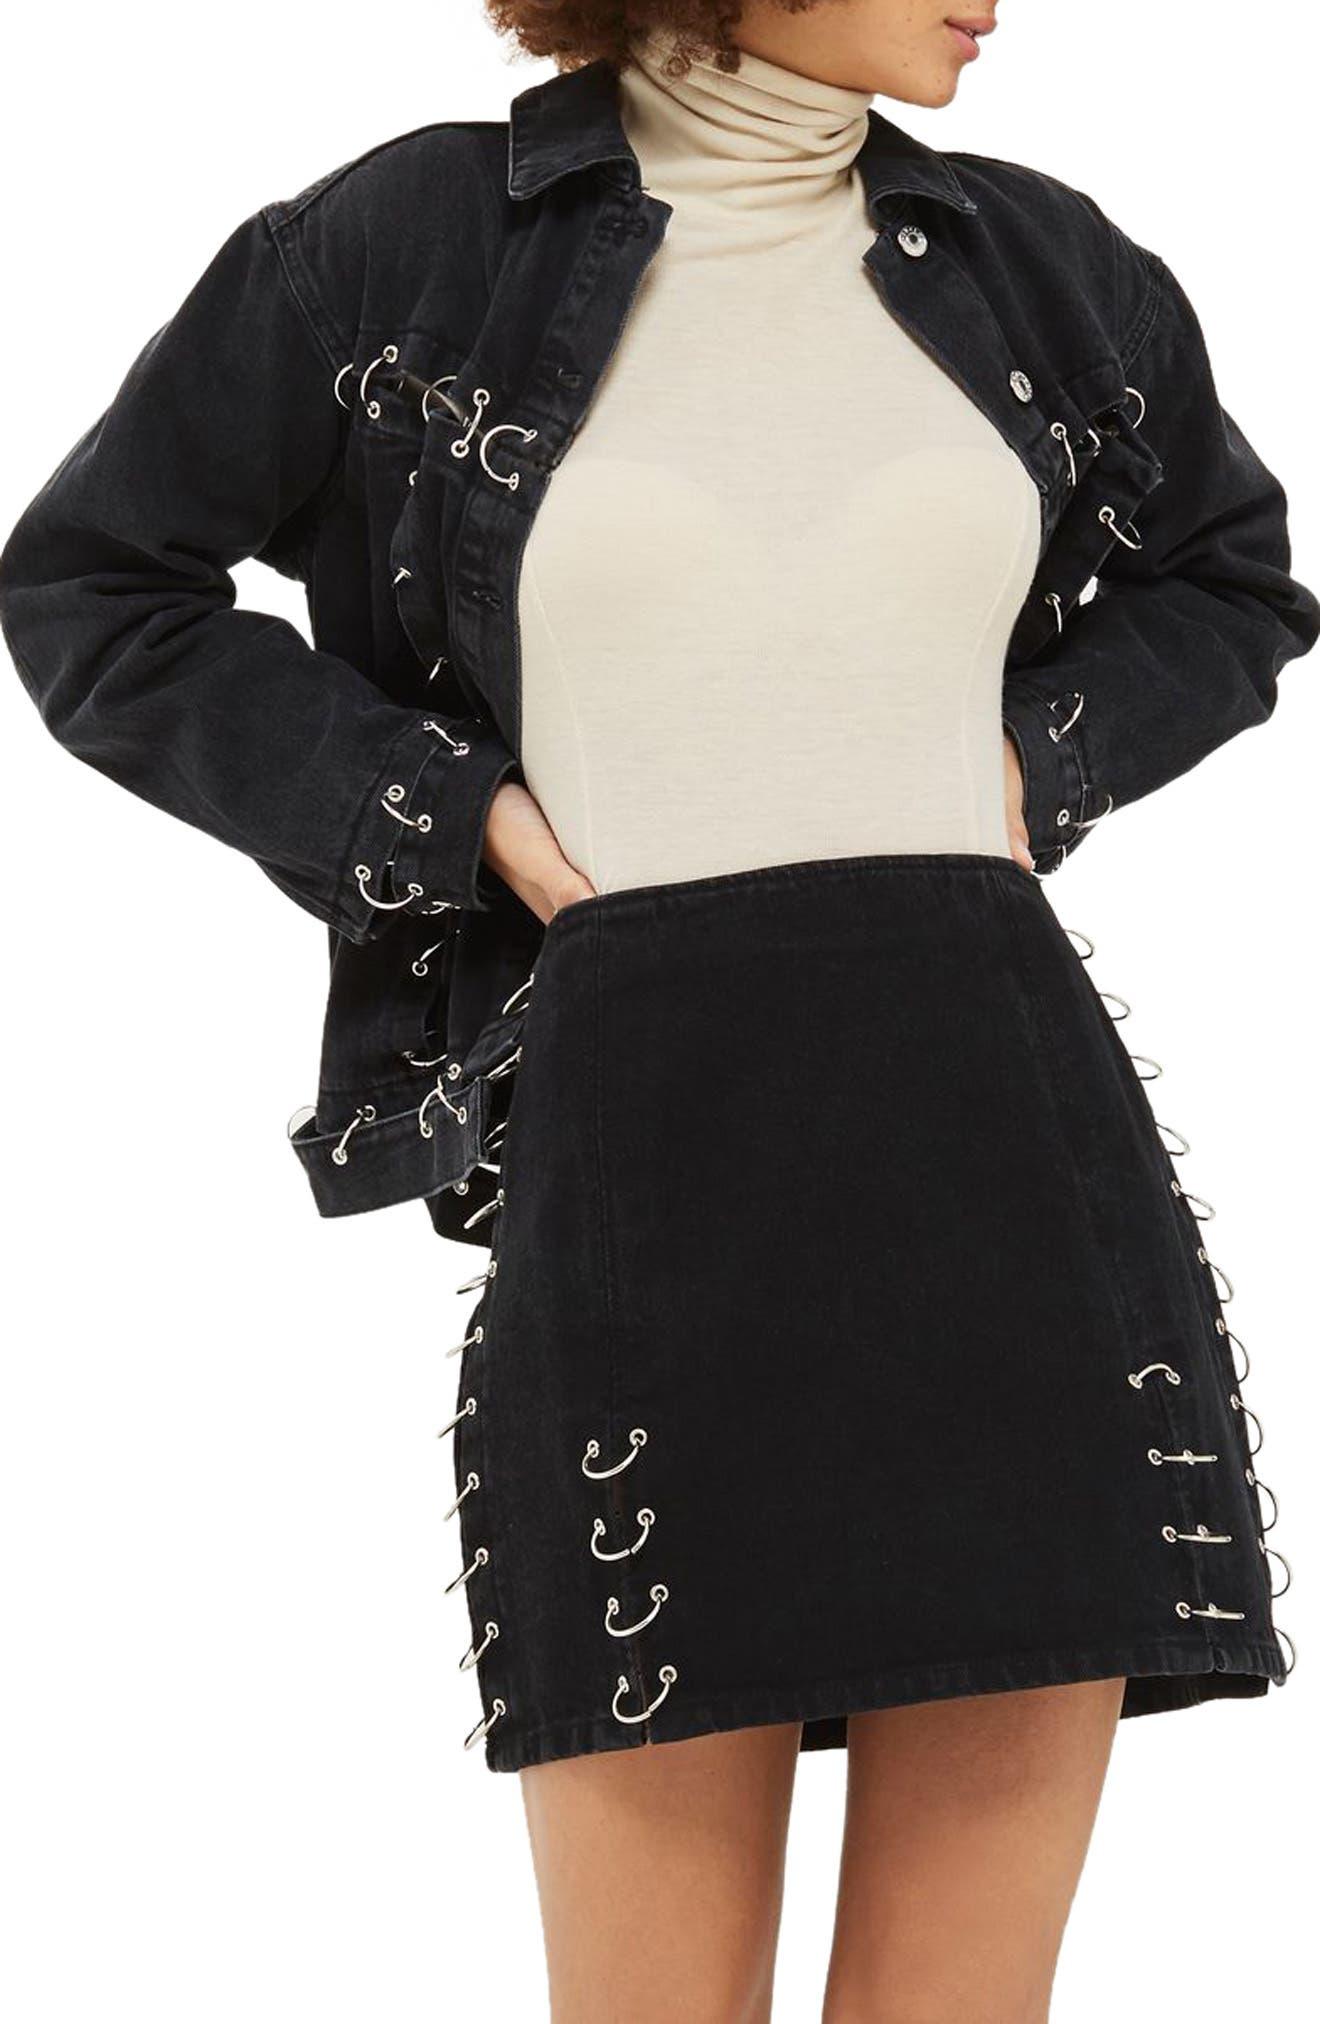 Topshop Piercing Denim Miniskirt